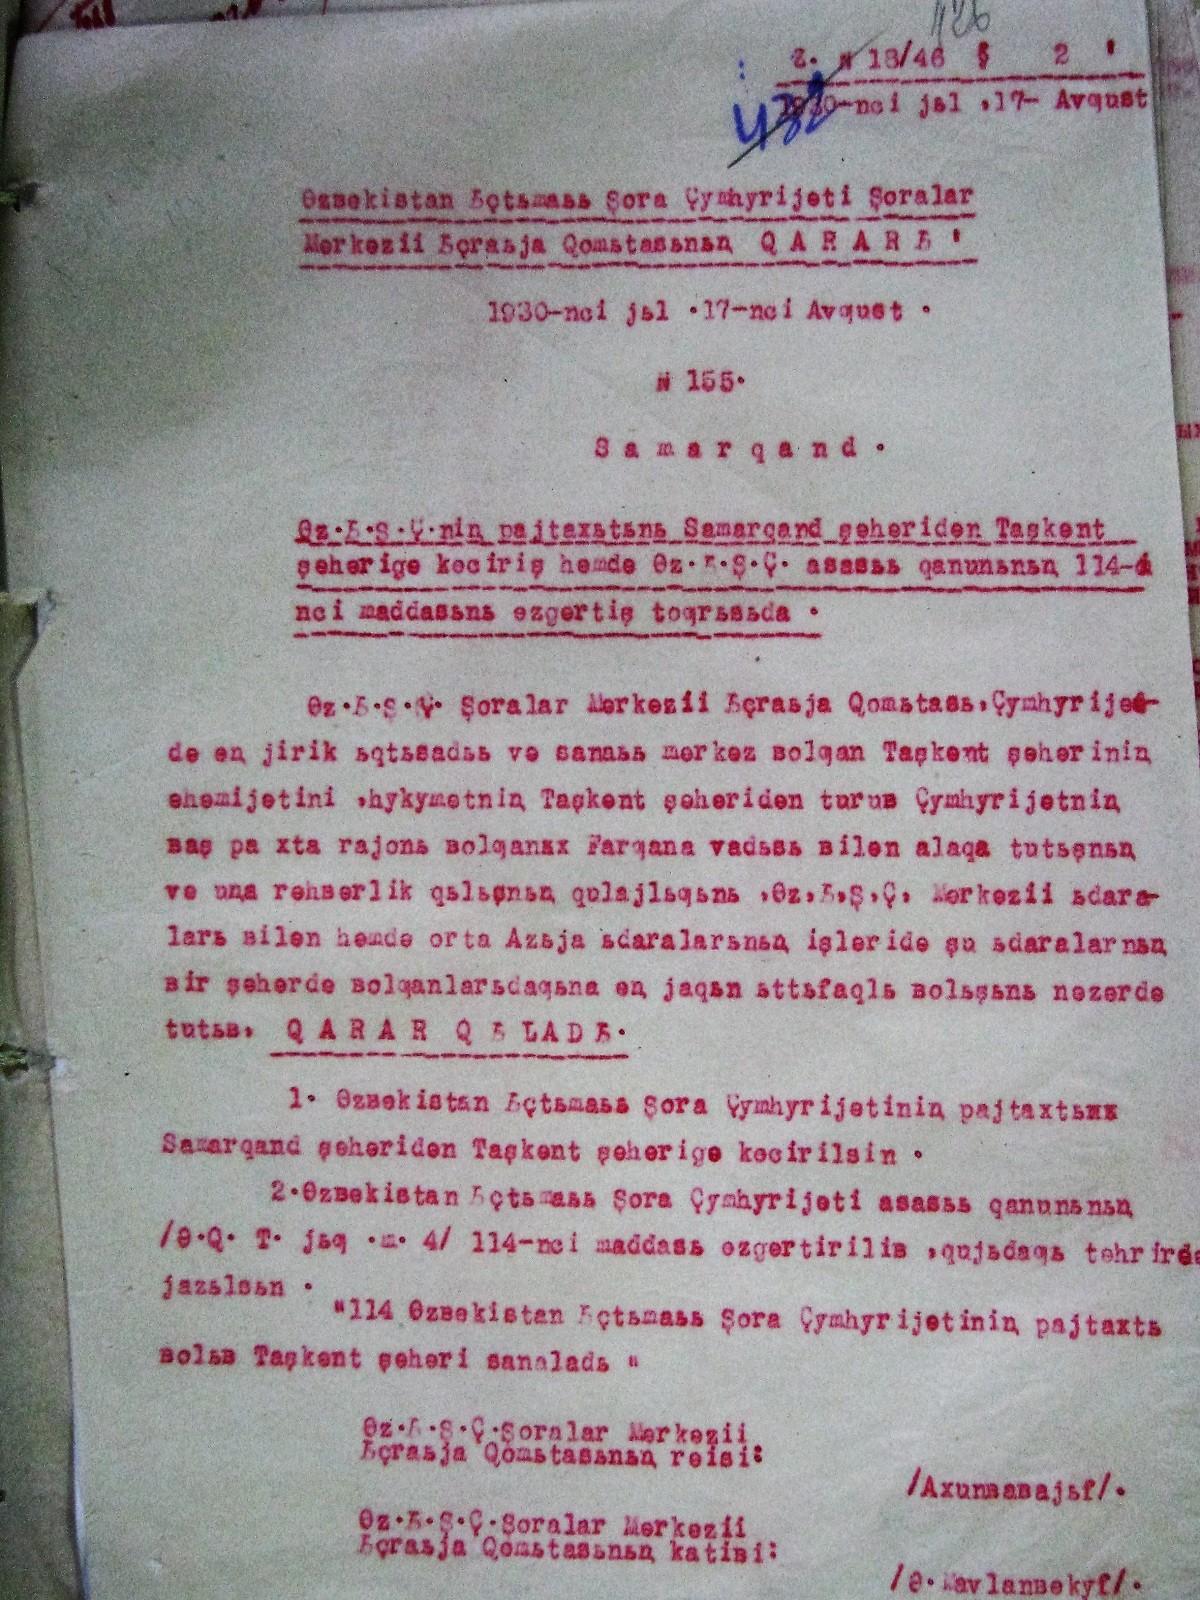 Постановление о переносе столицы на узбекском языке